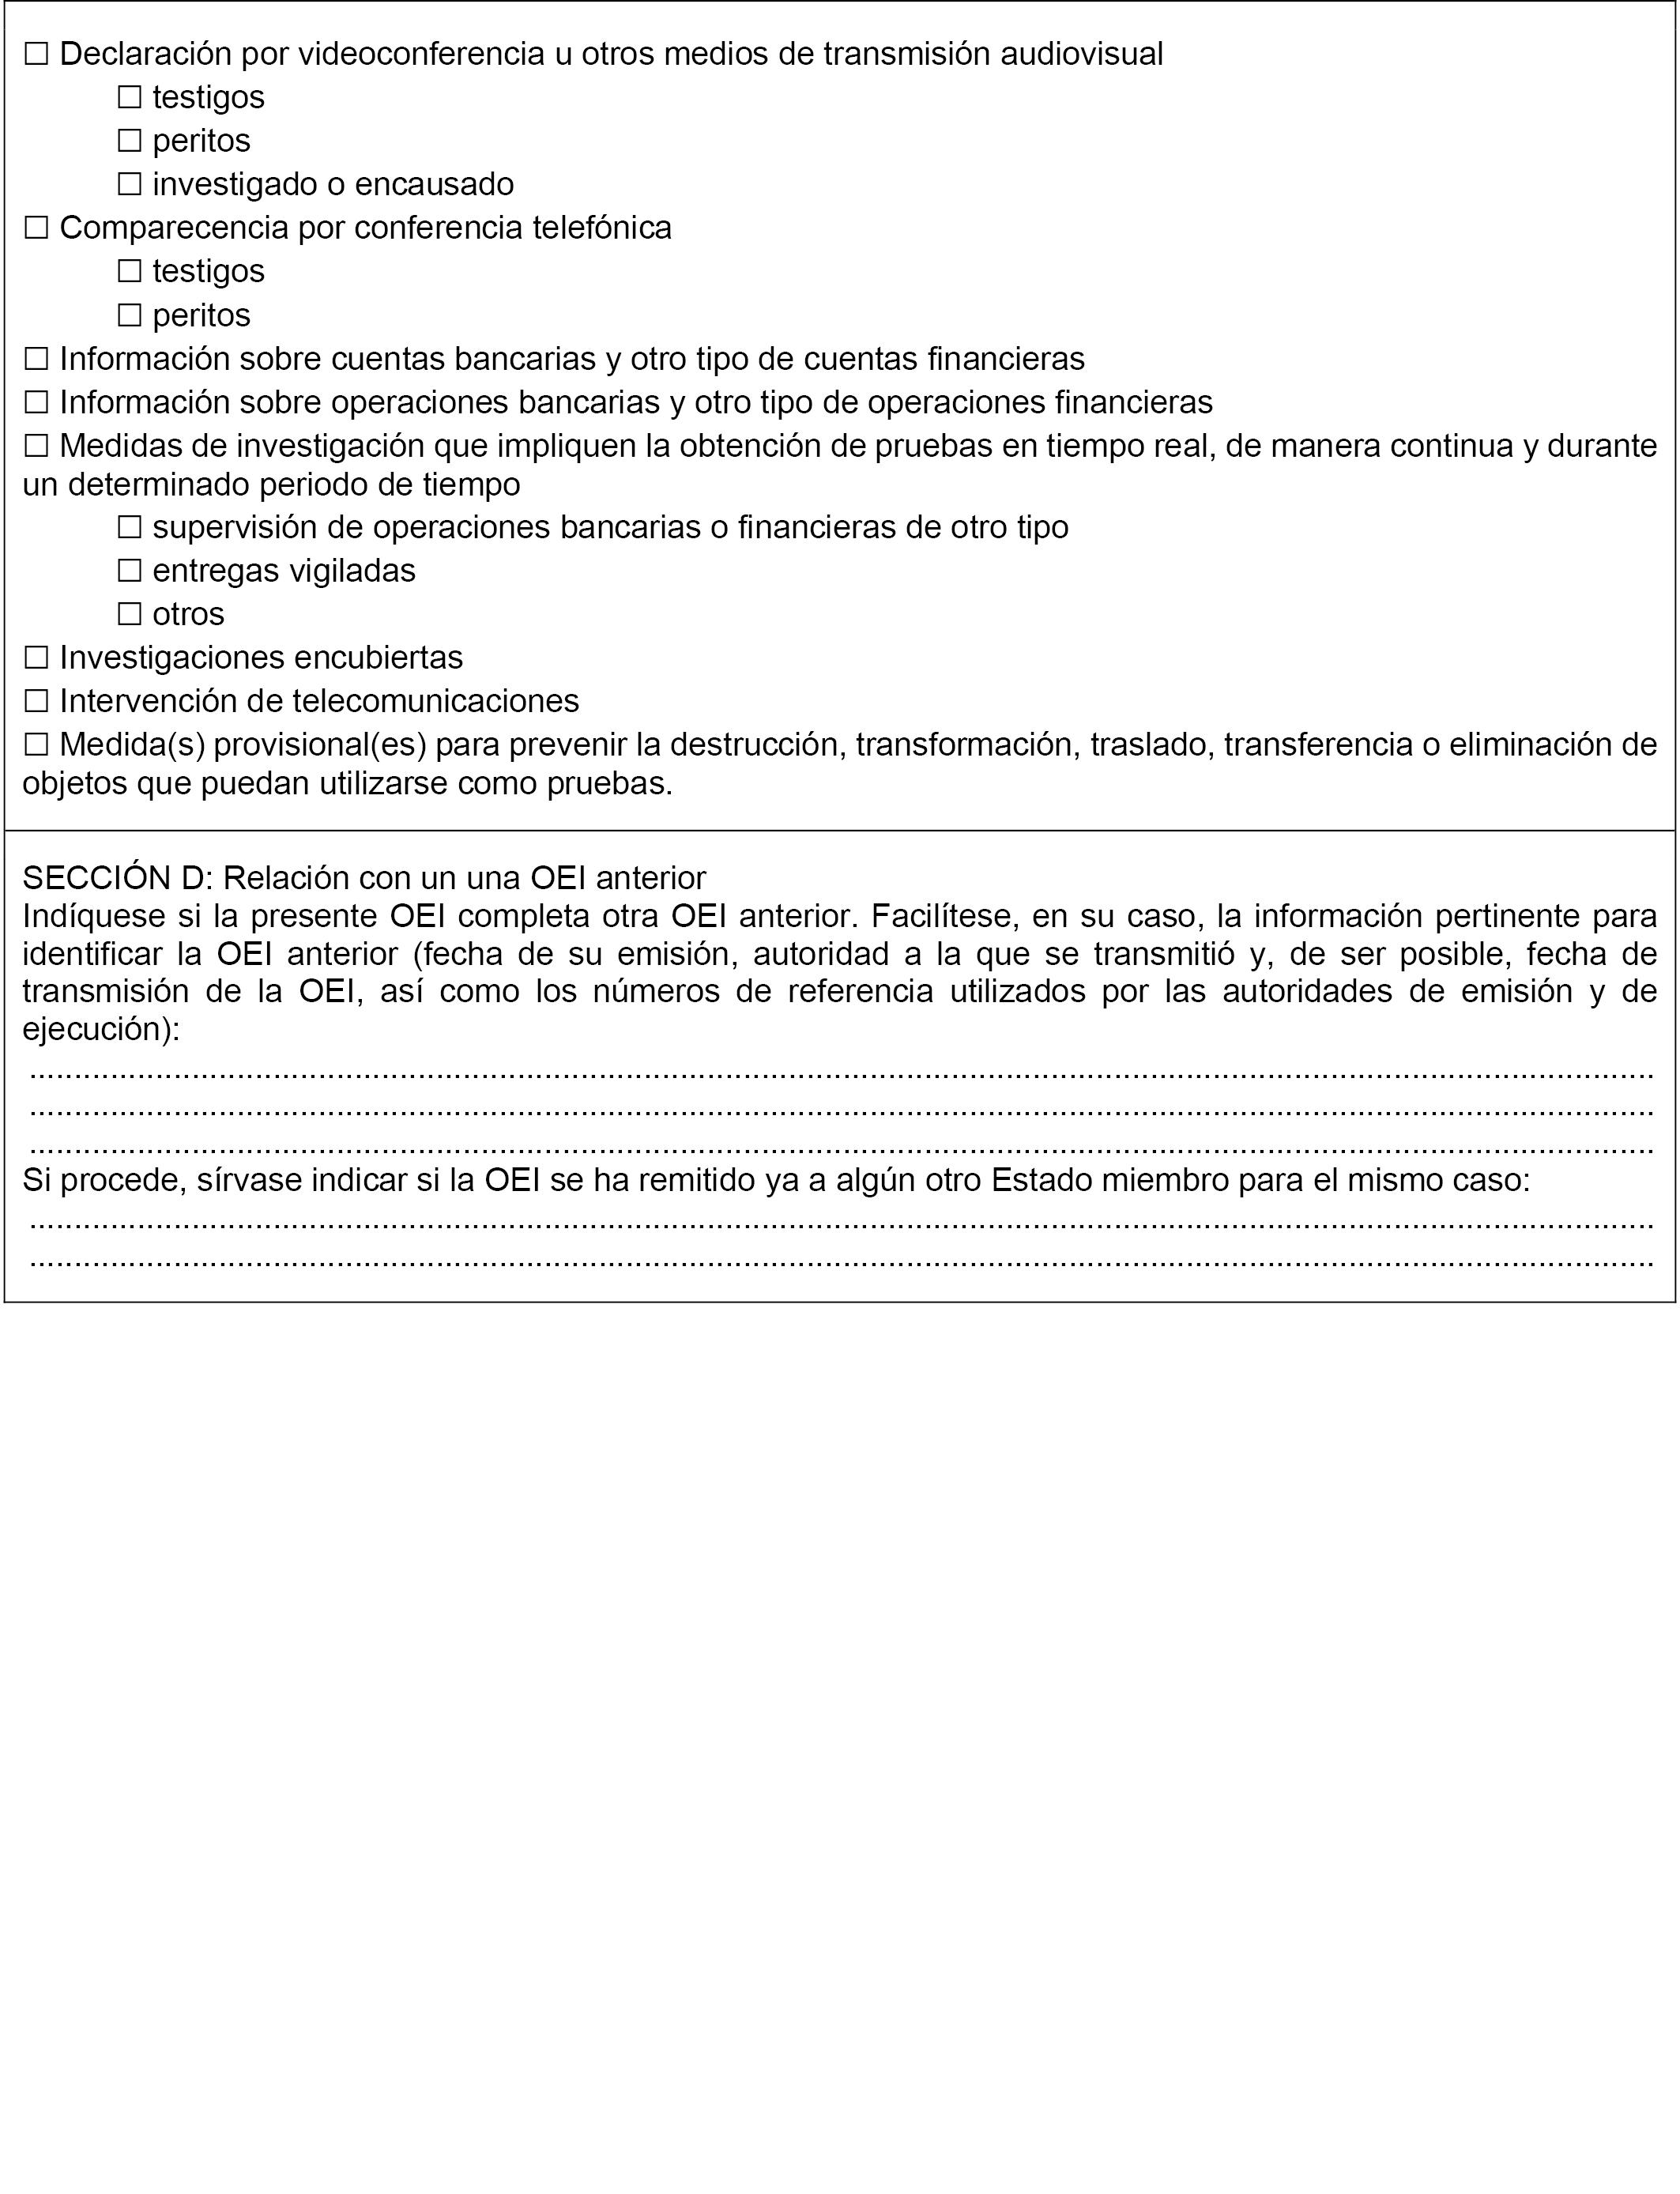 BOE.es - Documento consolidado BOE-A-2014-12029